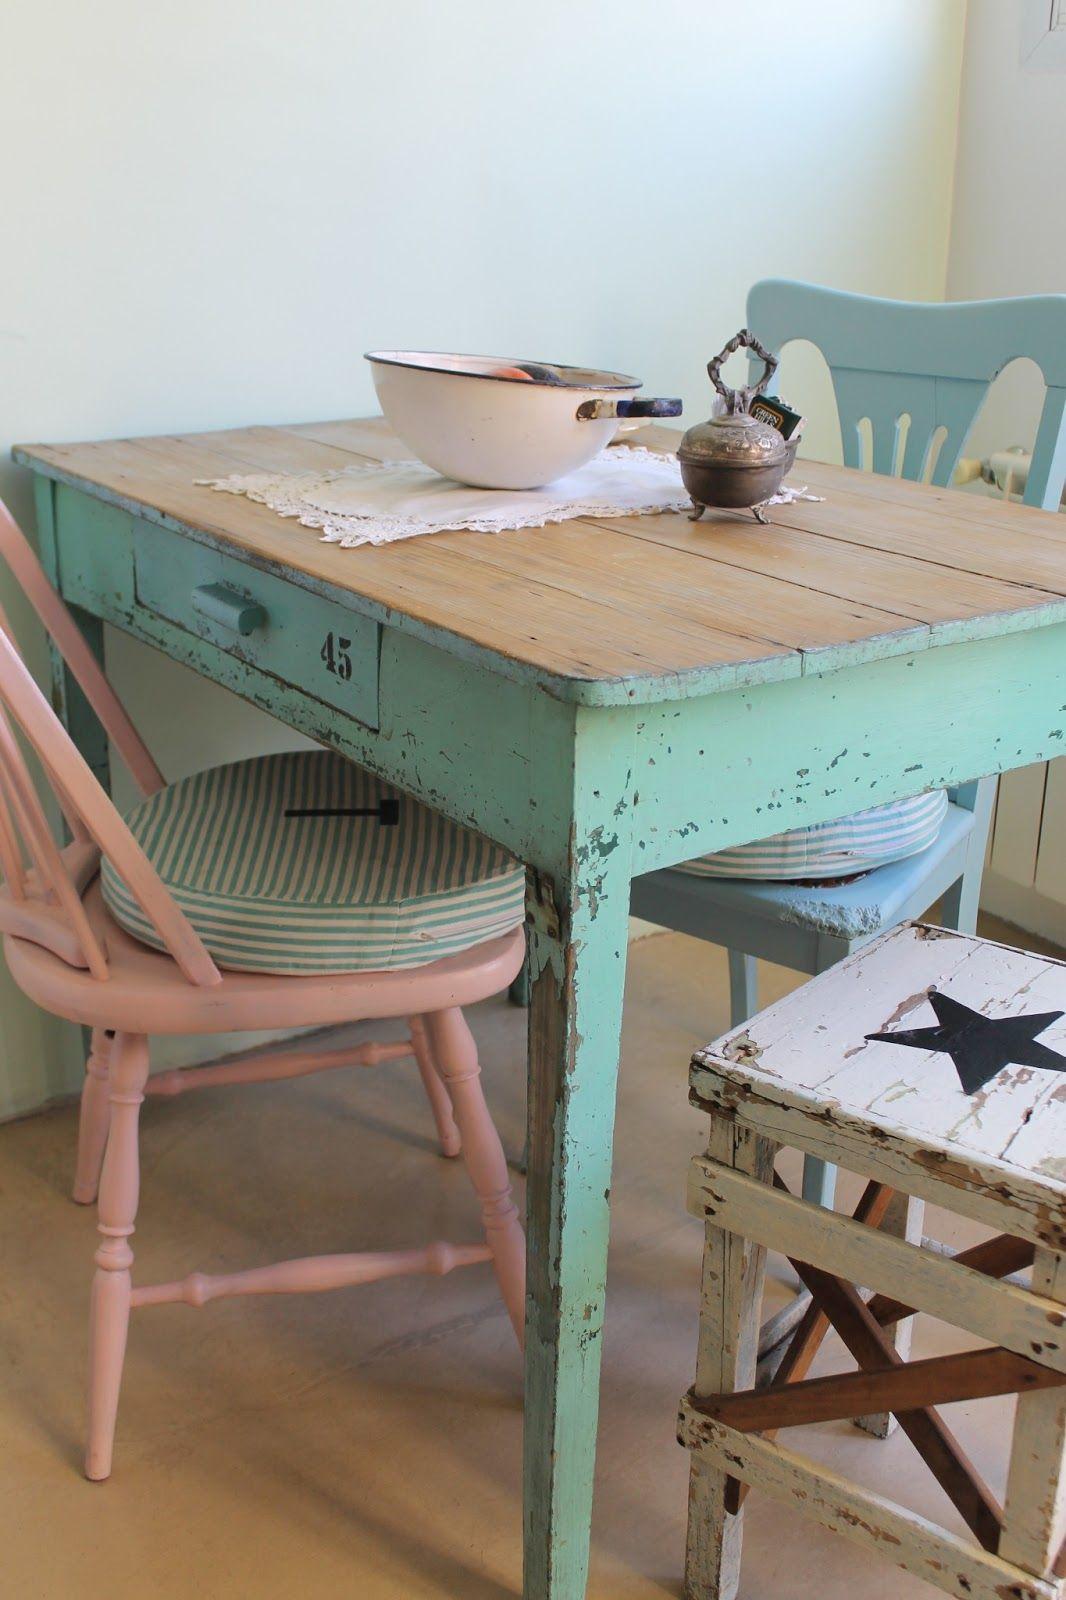 Dale un toque r stico provenzal a tus muebles para tu casa - Muebles para casa de campo ...